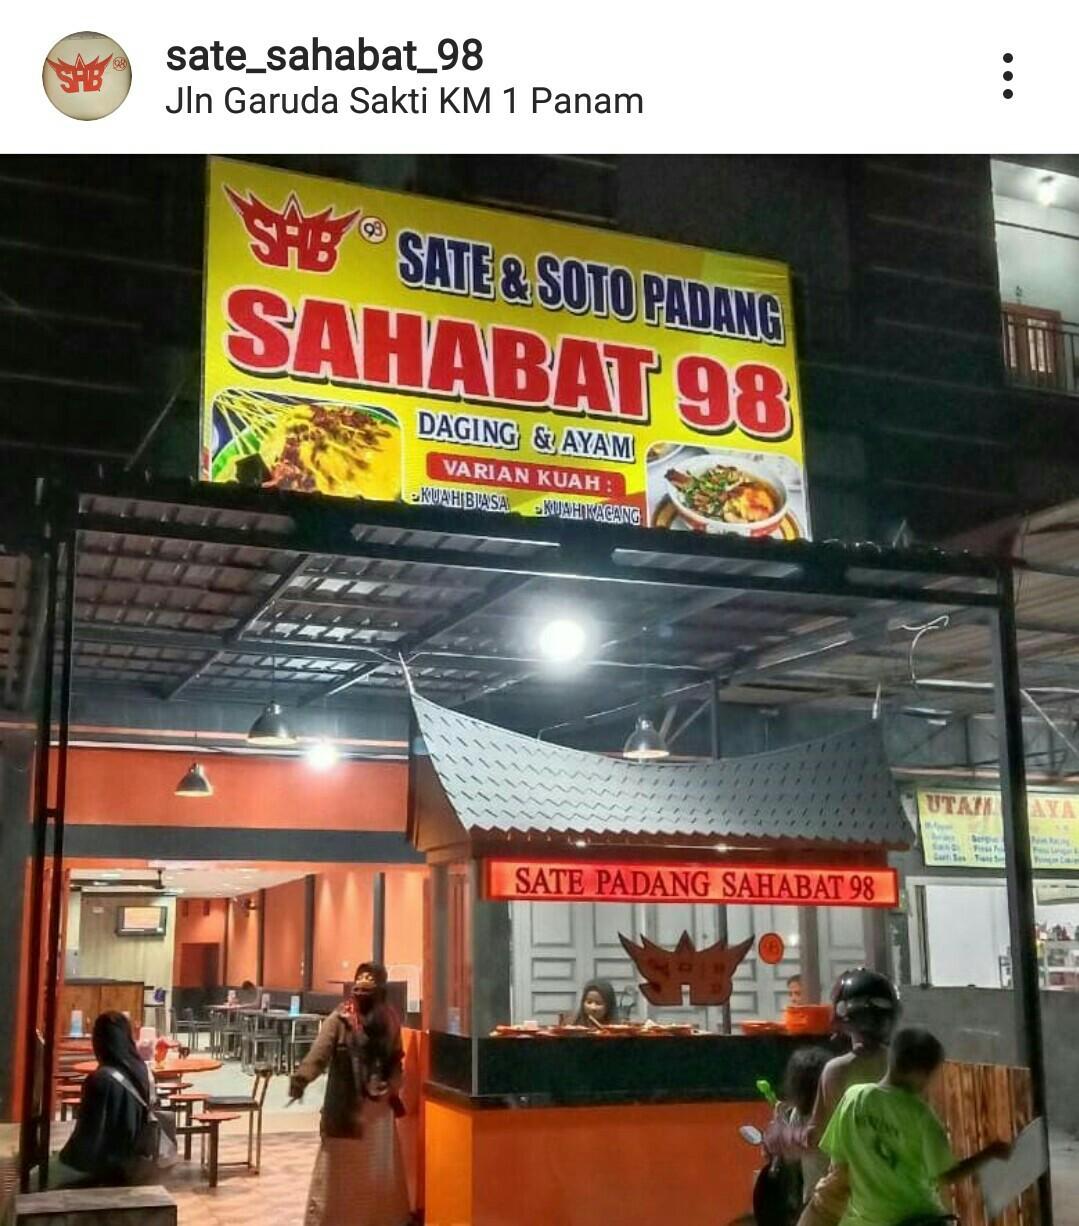 Sate dan Soto Padang Sahaba 98 7 - Sate dan Soto Padang  Sahabat 98 - Sate dan Soto Padang Enak Pekanbaru